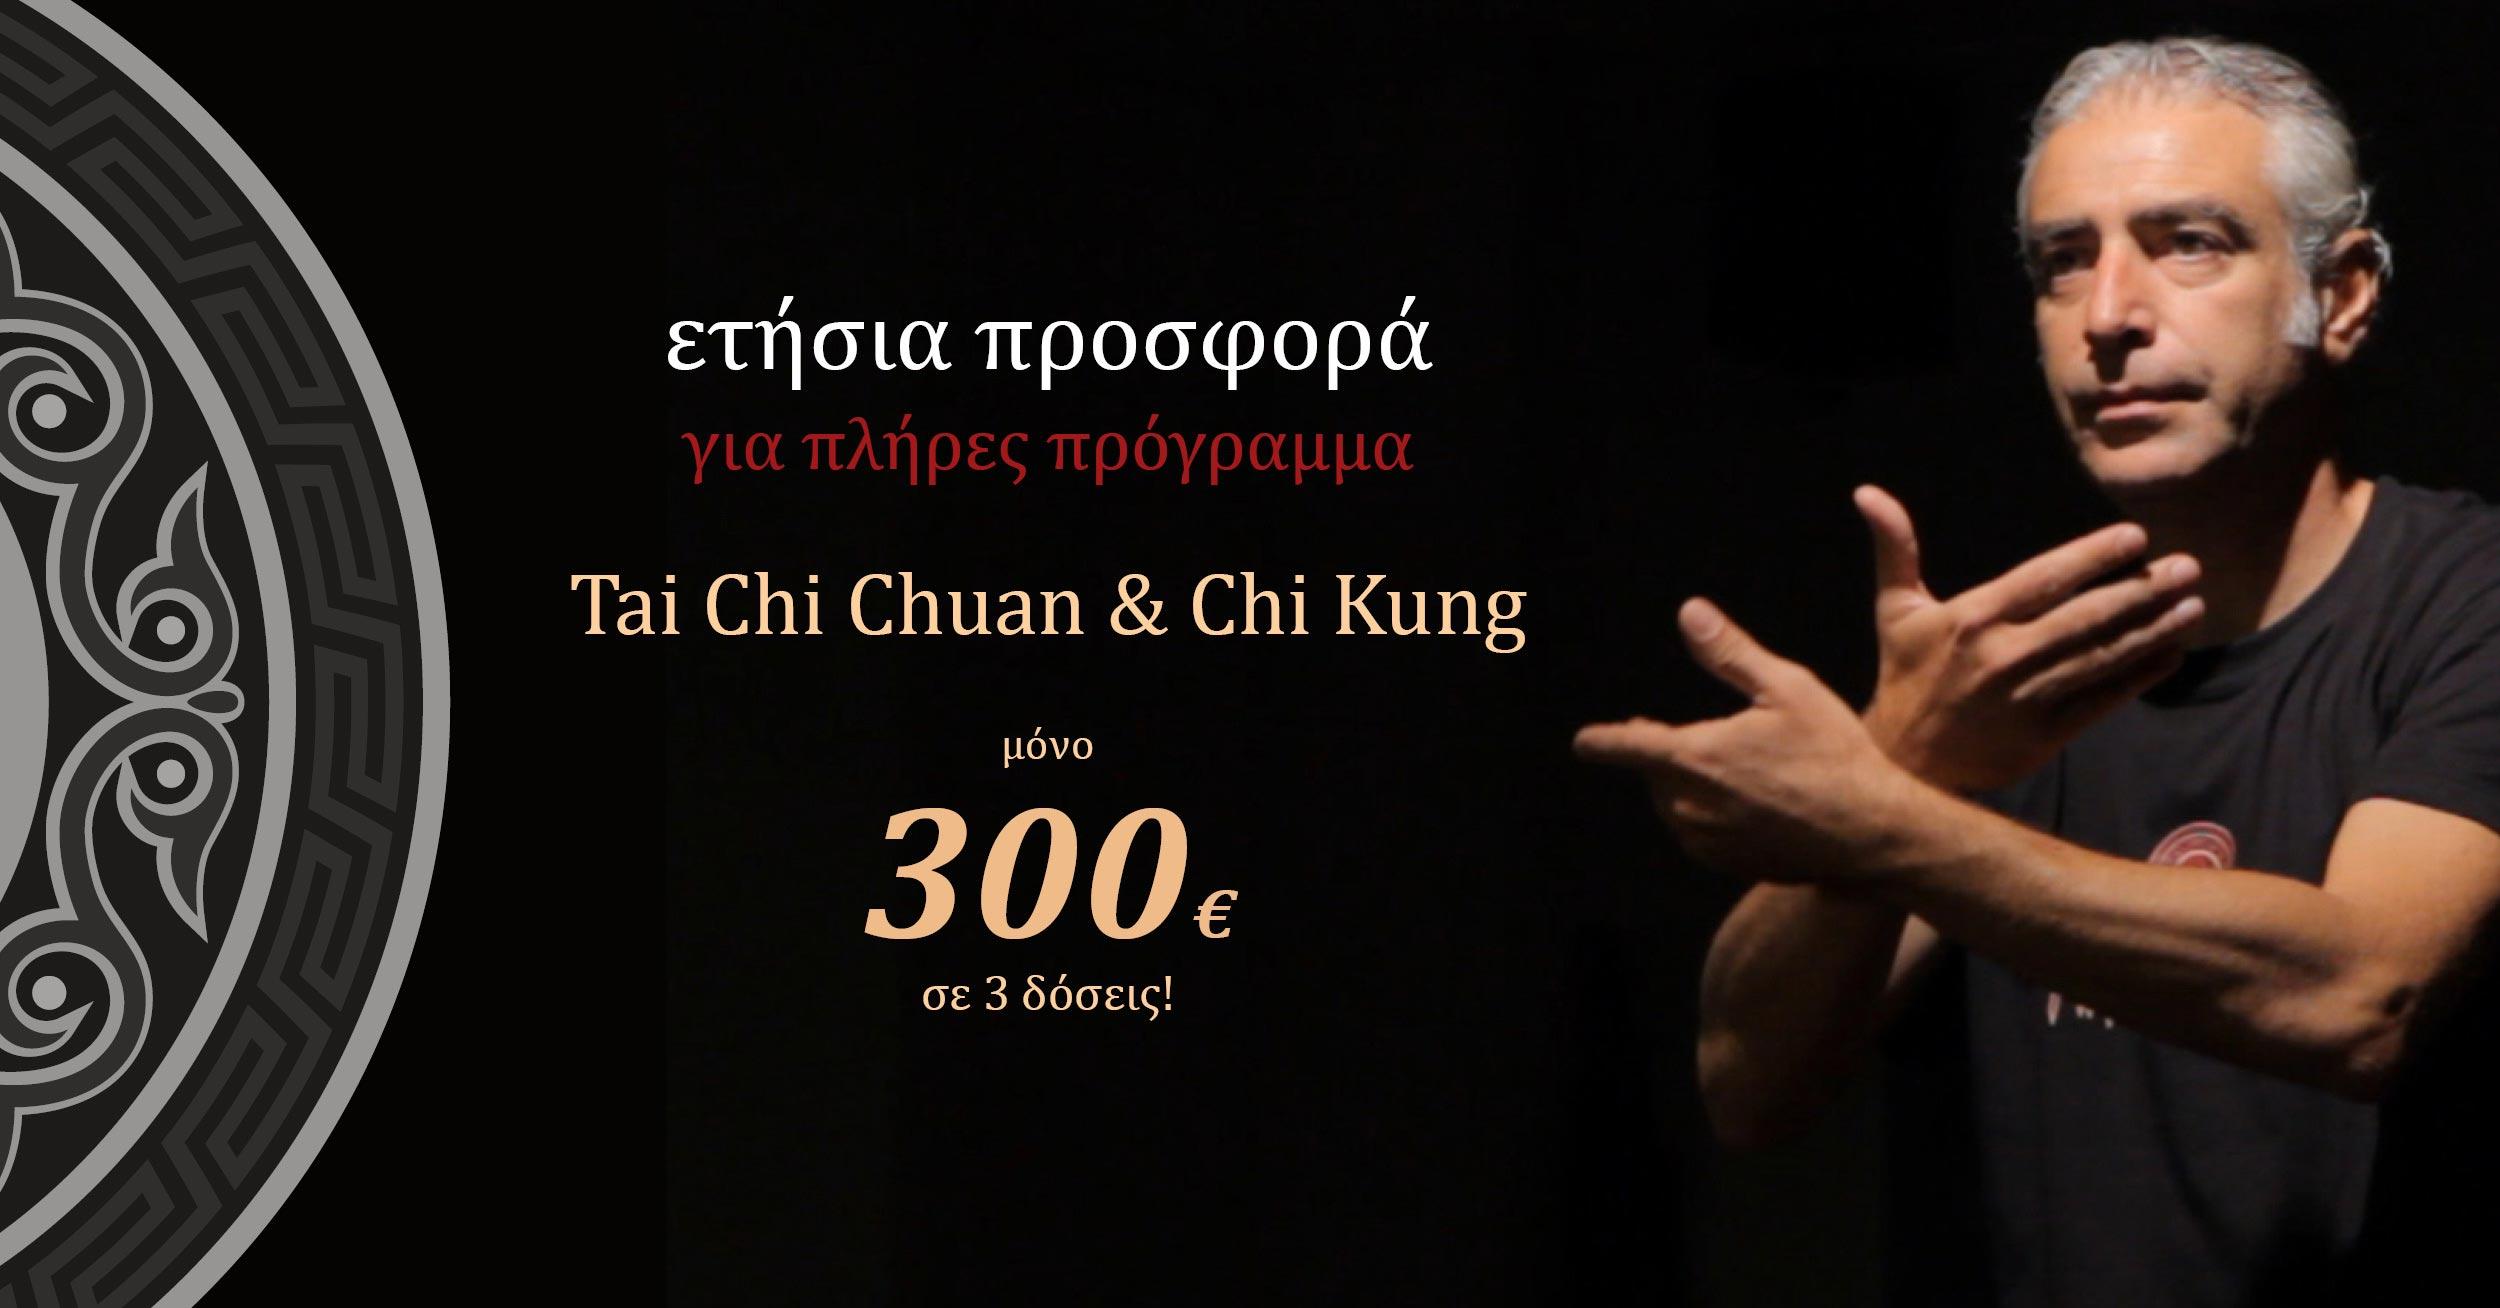 Κόστος για 3 μαθήματα την εβδομάδα (Τάι Τσι Τσουάν & Τσι Κονγκ) / 45€ μηνιαίως.